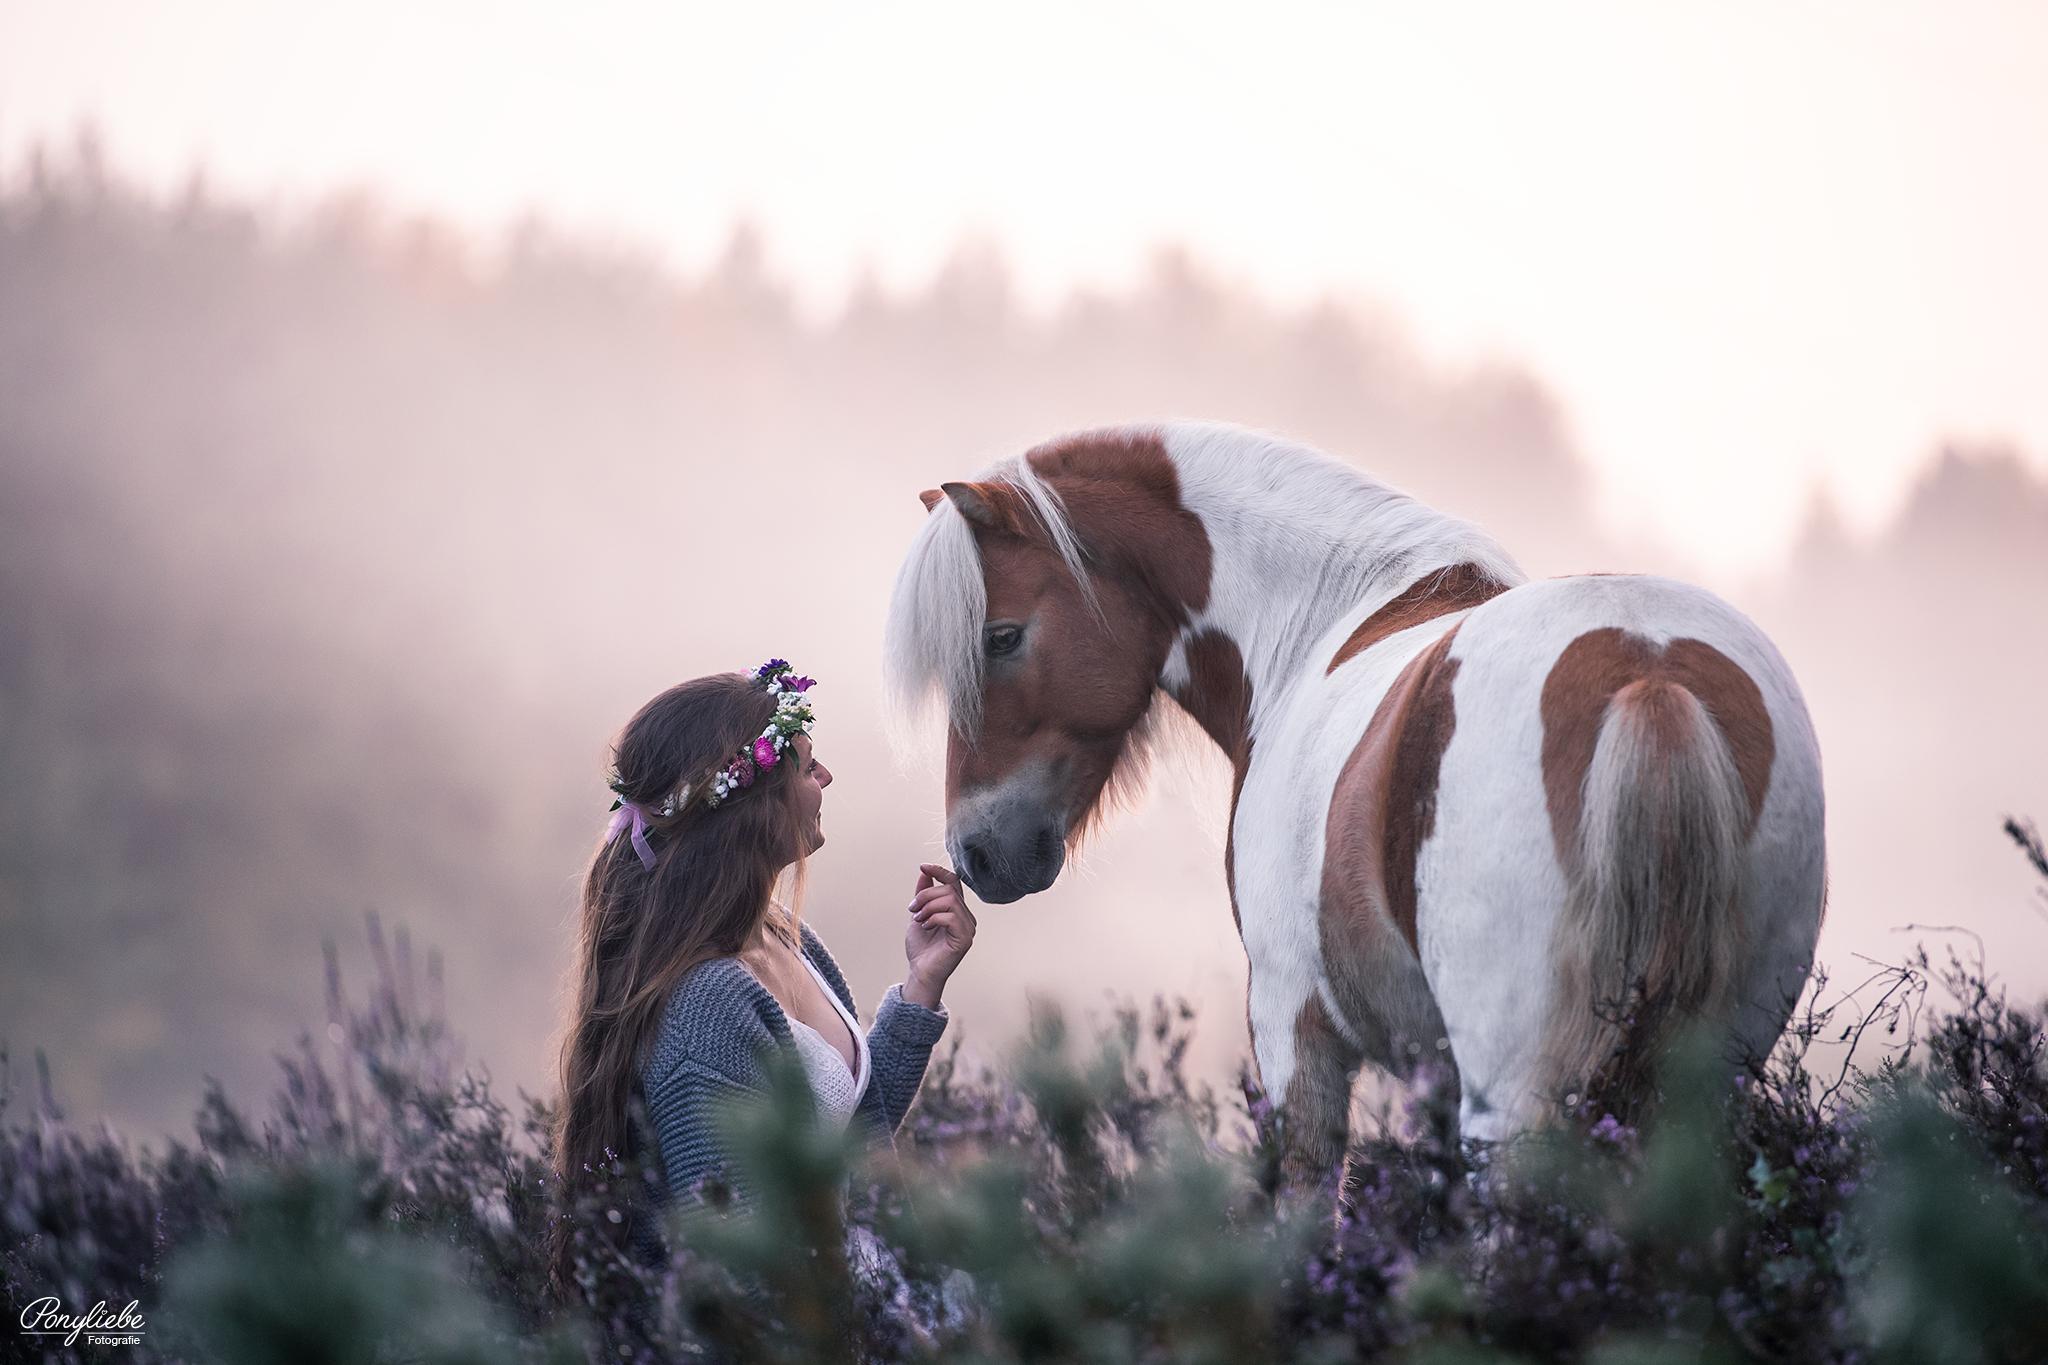 ponyliebe at its best  pferde fotografie pferde mädchen